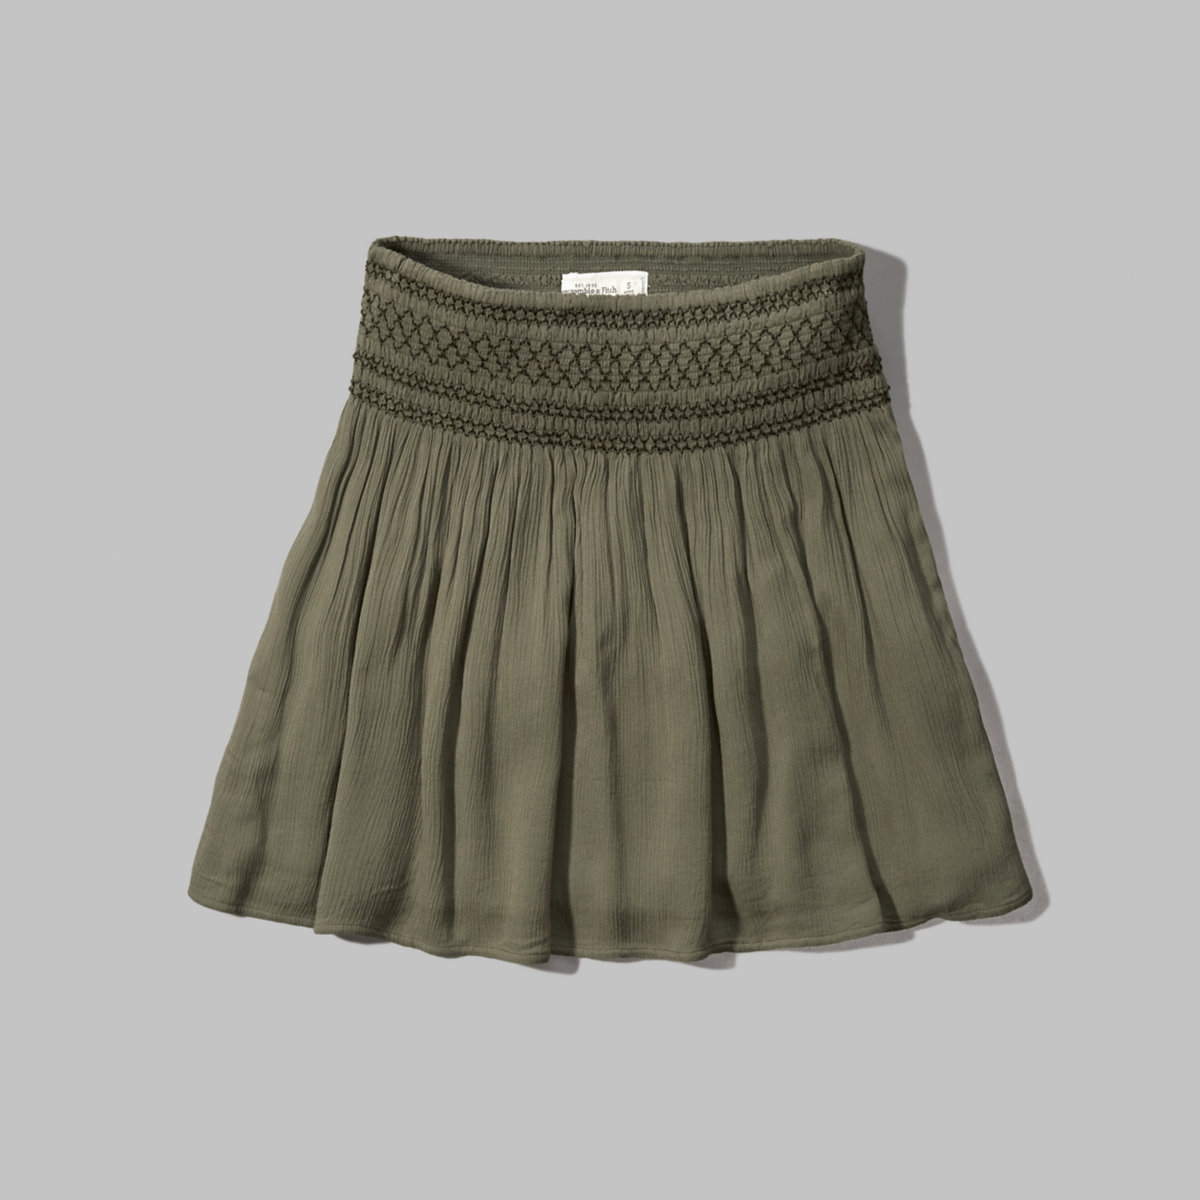 Embroidered Smocked Skater Skirt